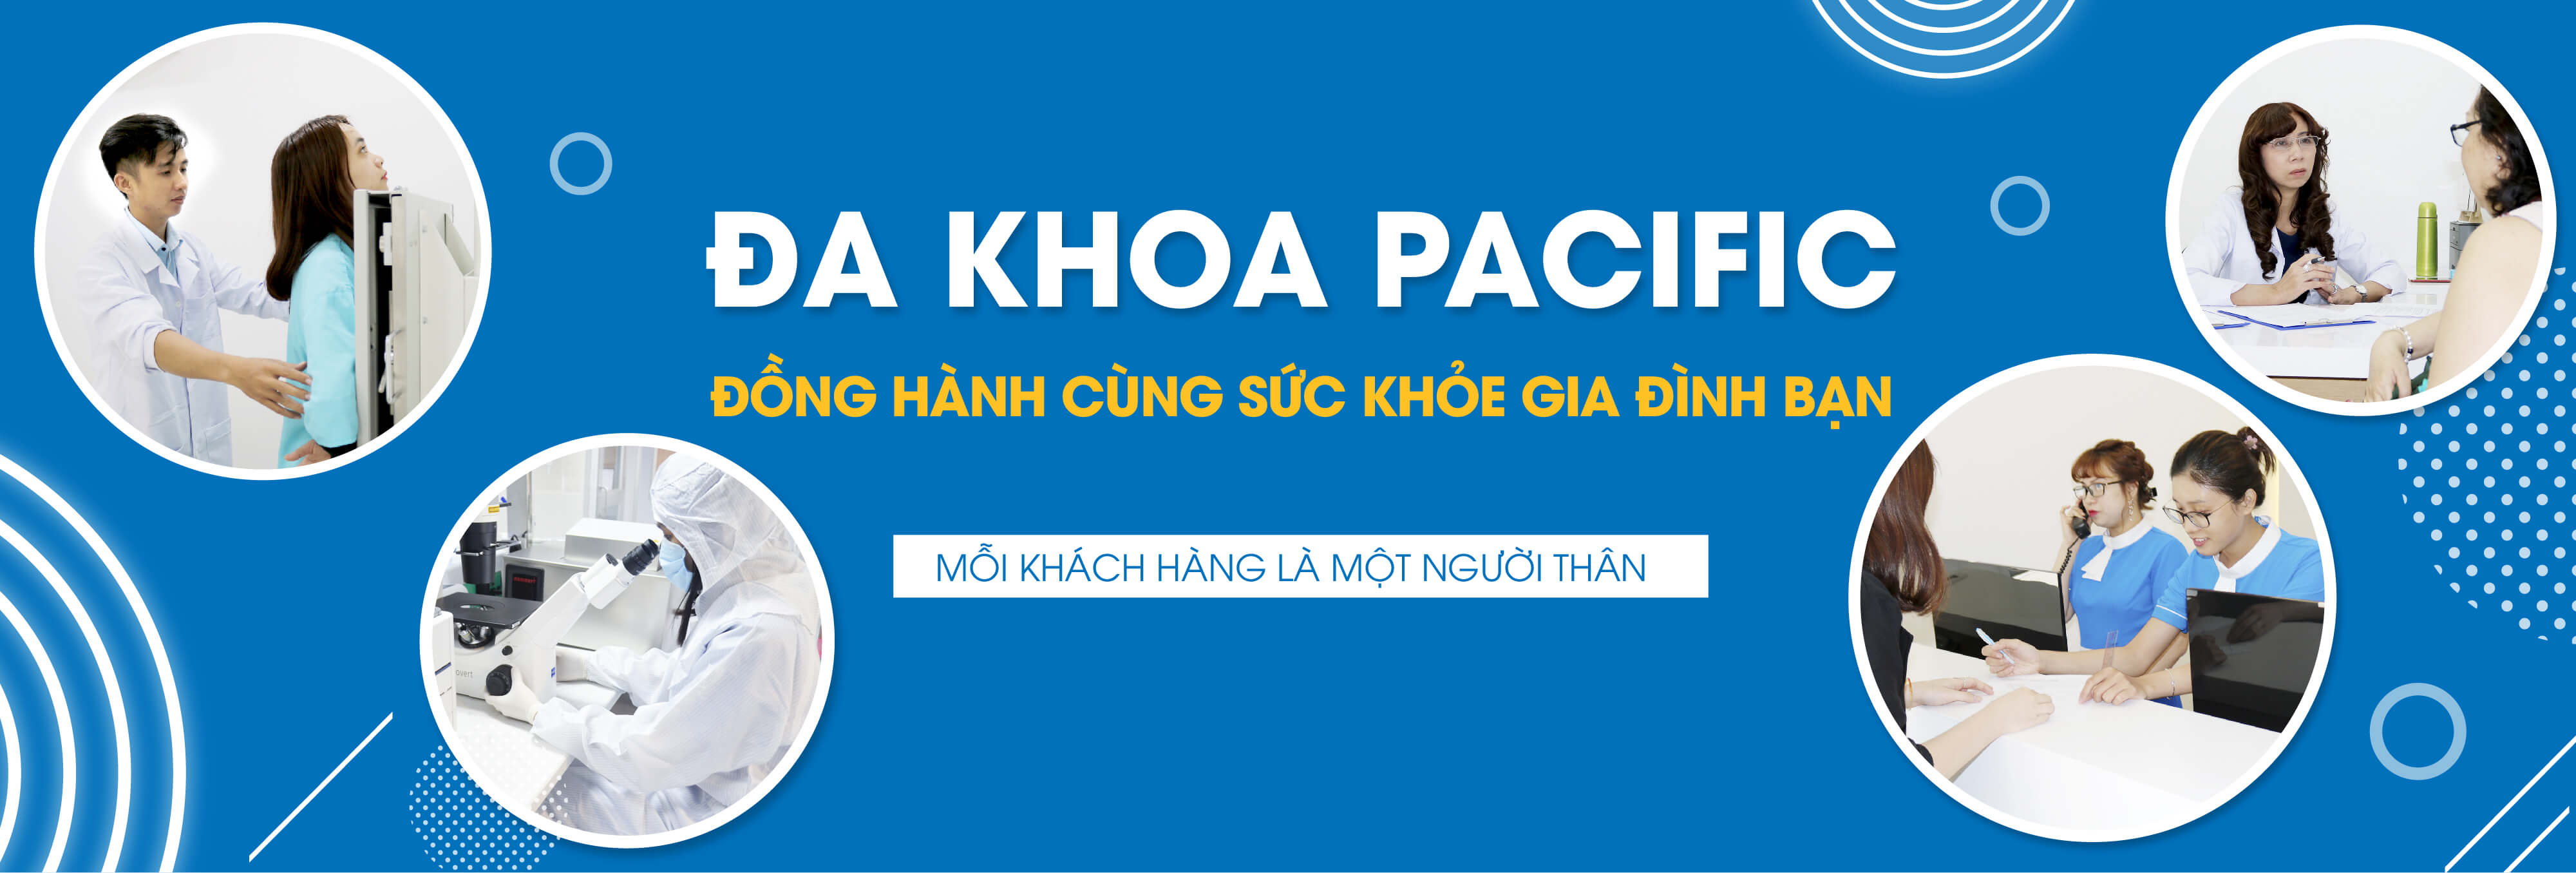 Banner_ThuongHieu-03-01